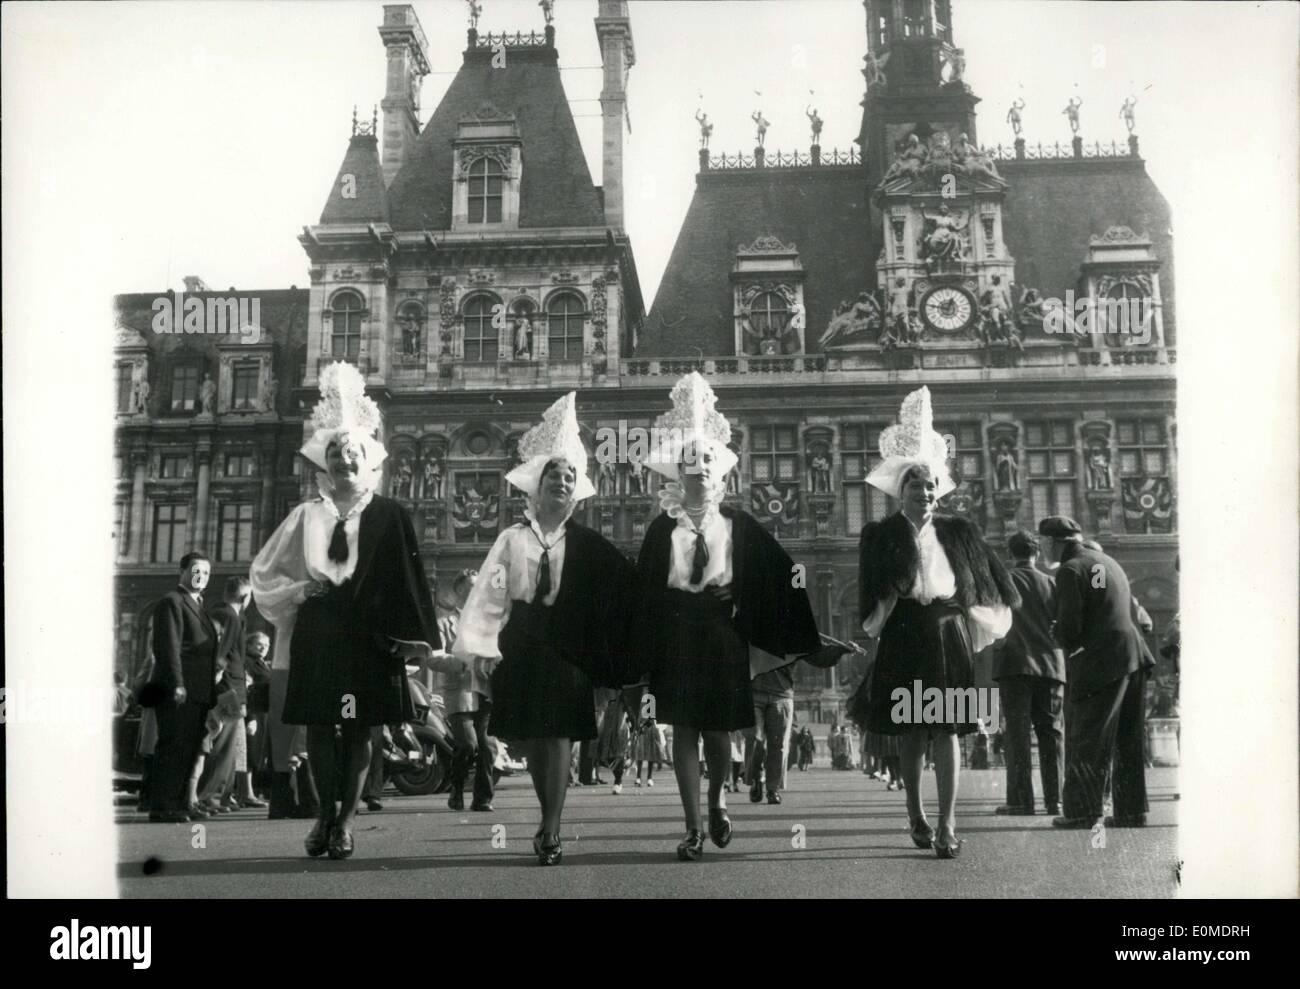 Ottobre 31, 1954 - Folklore Parade presso l'Hotel de Ville Immagini Stock